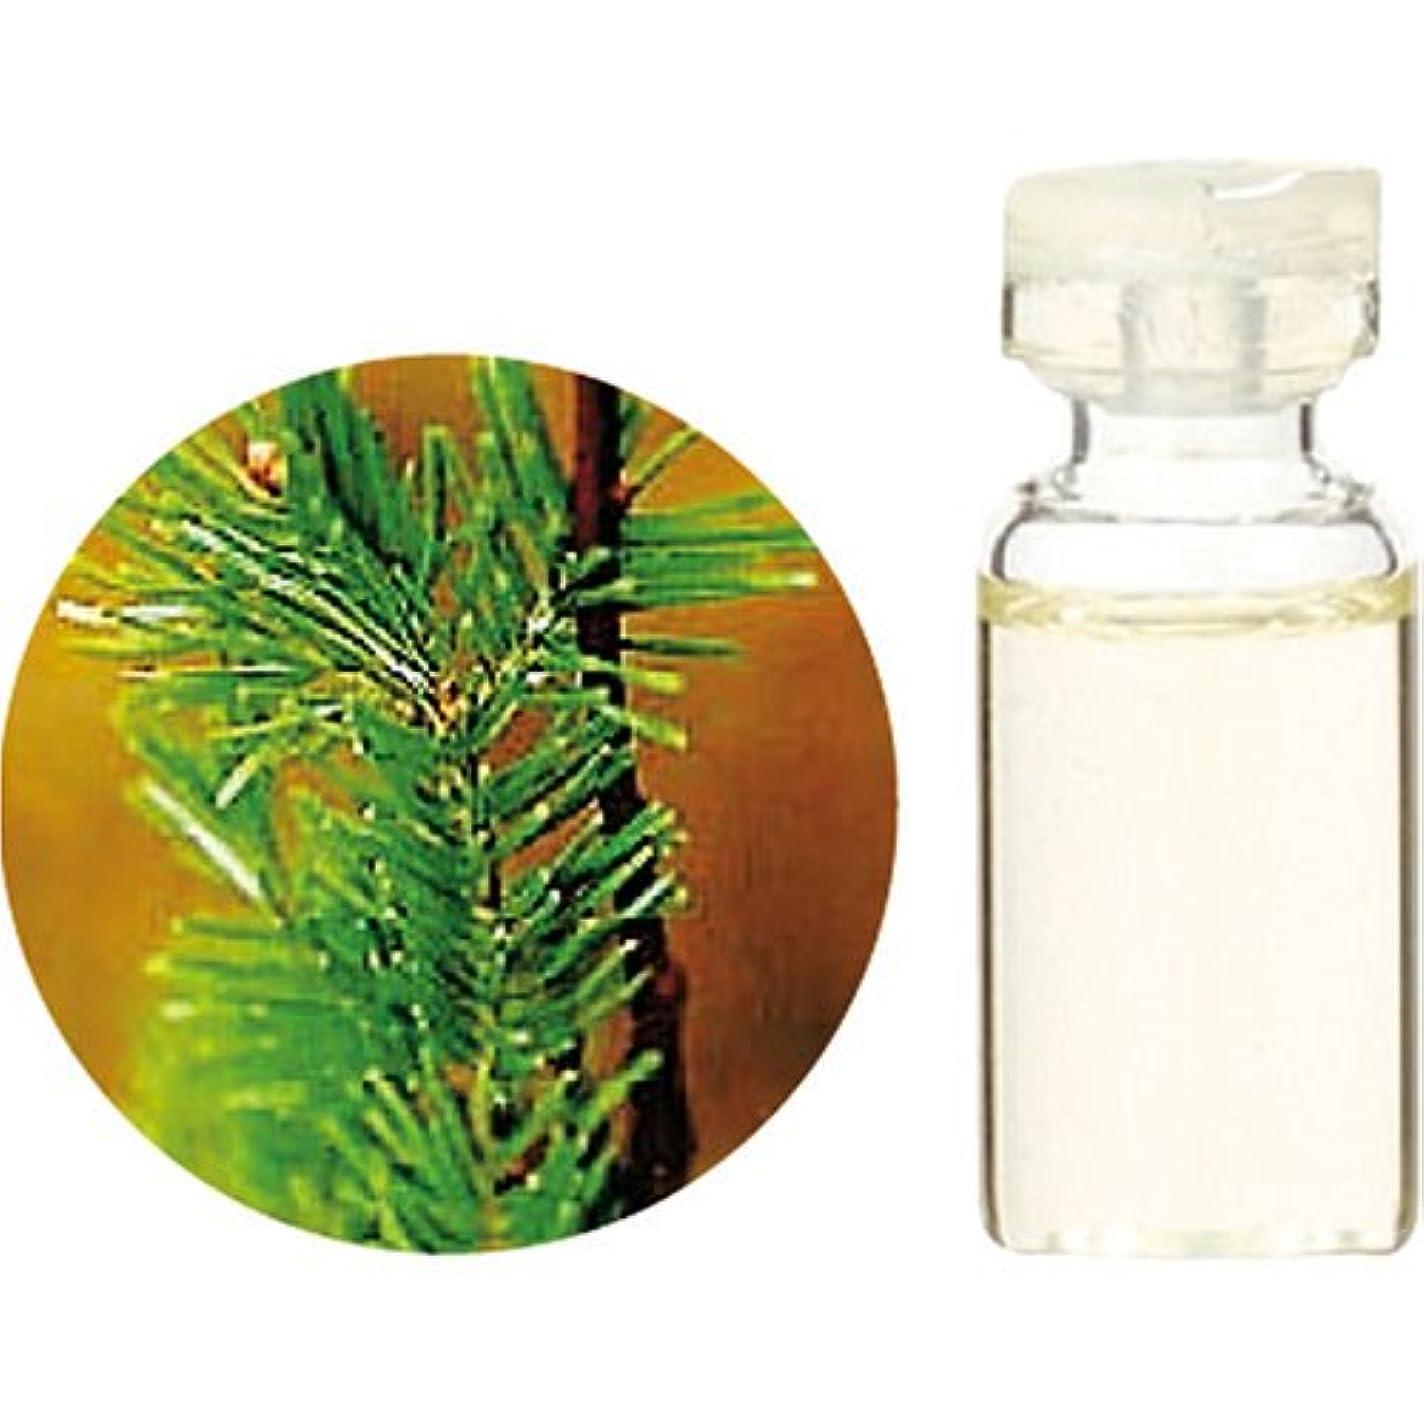 新年遠征前投薬Herbal Life シベリアモミ 10ml